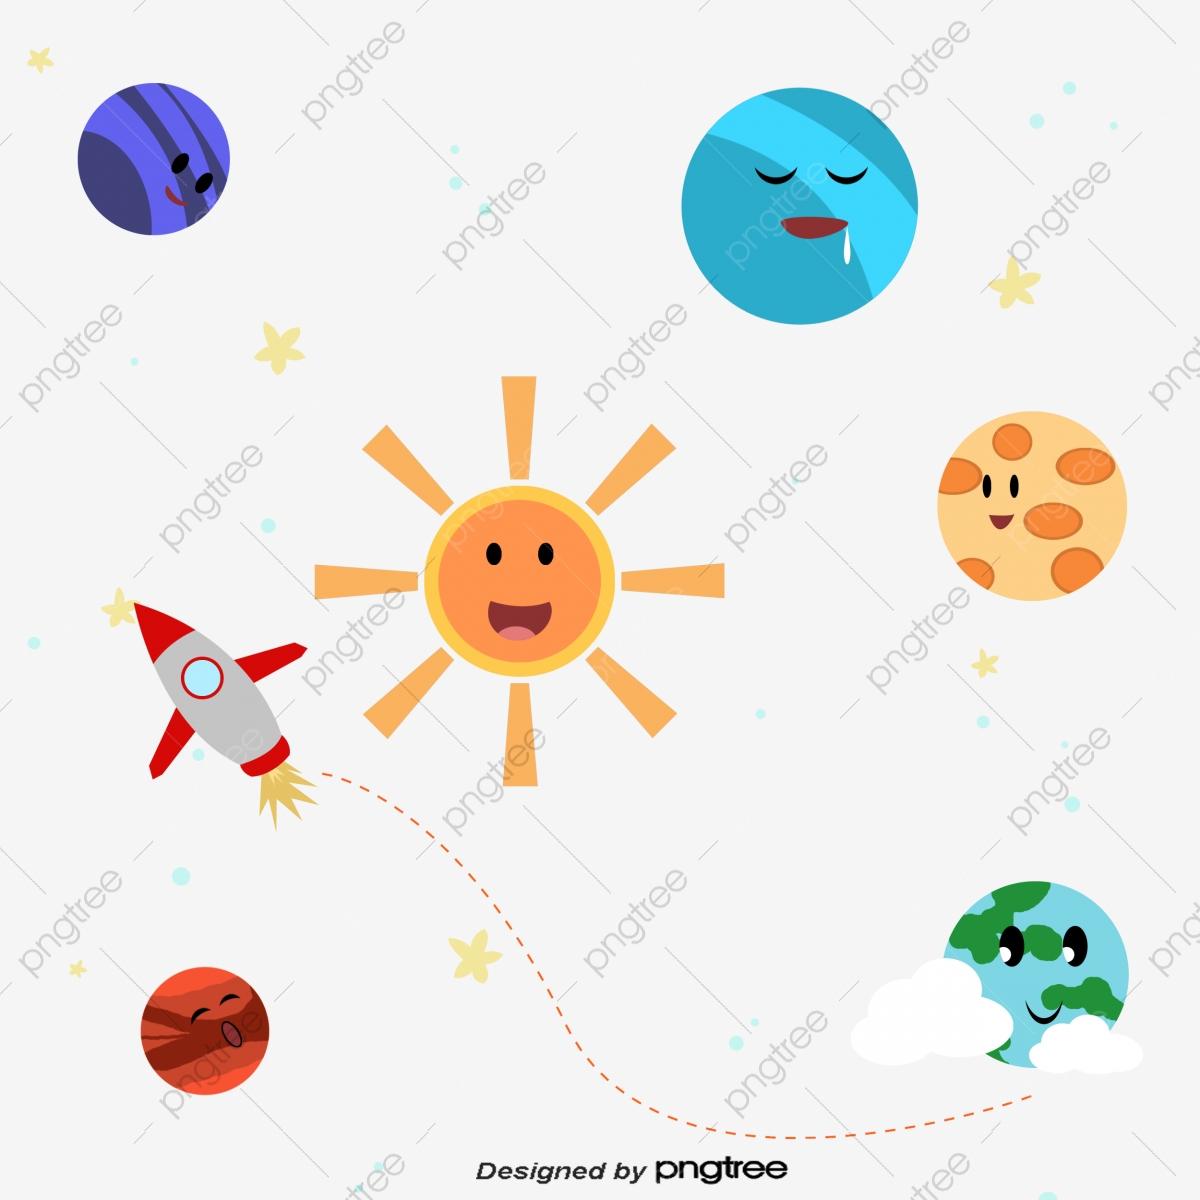 L'univers Des Dessins Animés, L'univers, Les Étoiles à Dessin Du Système Solaire